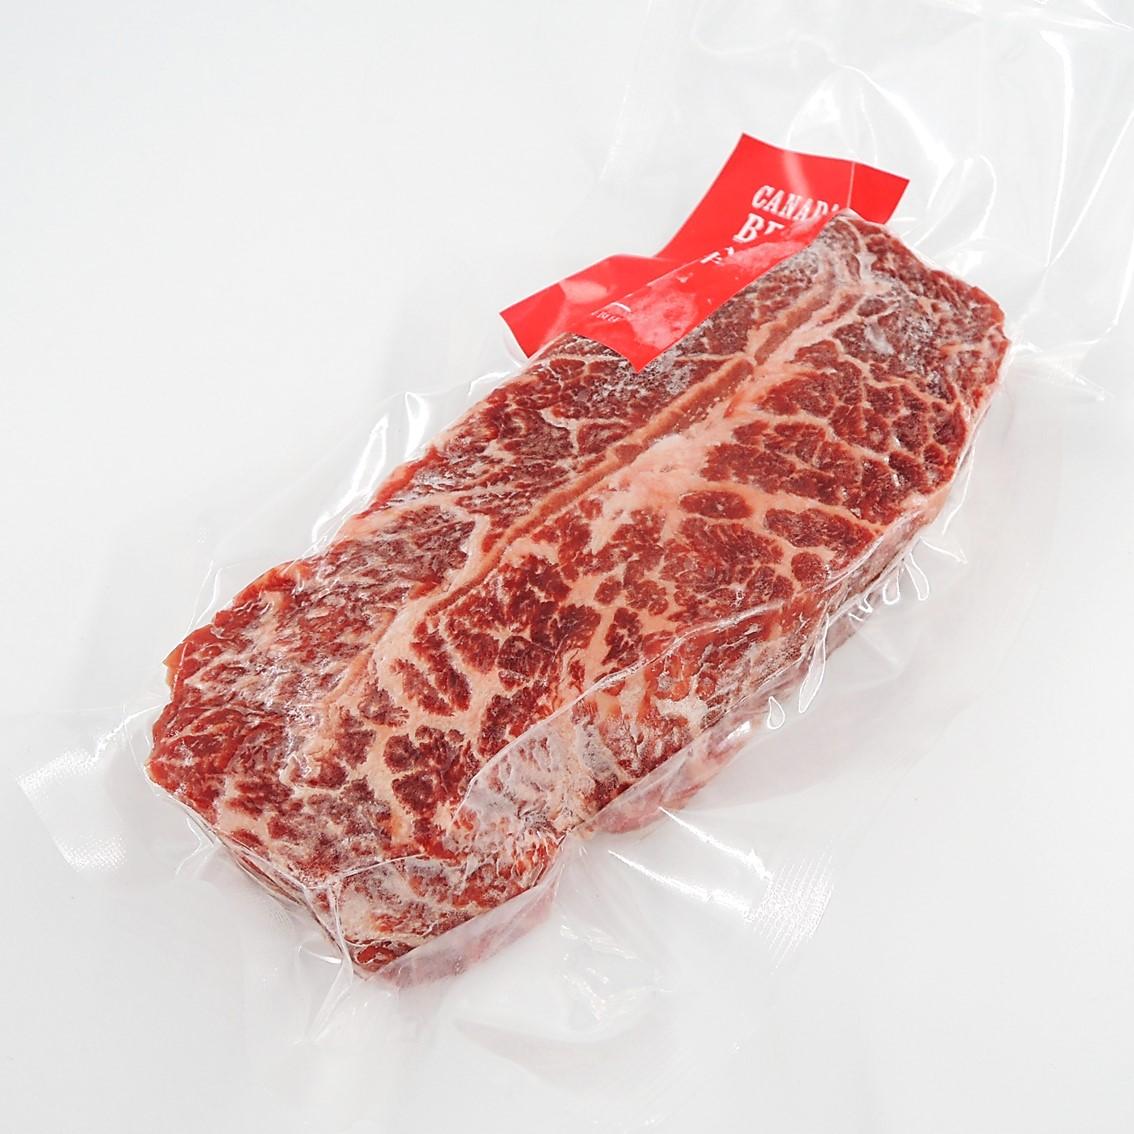 【カナディアンビーフ】熟成赤身のミスジステーキ/180g